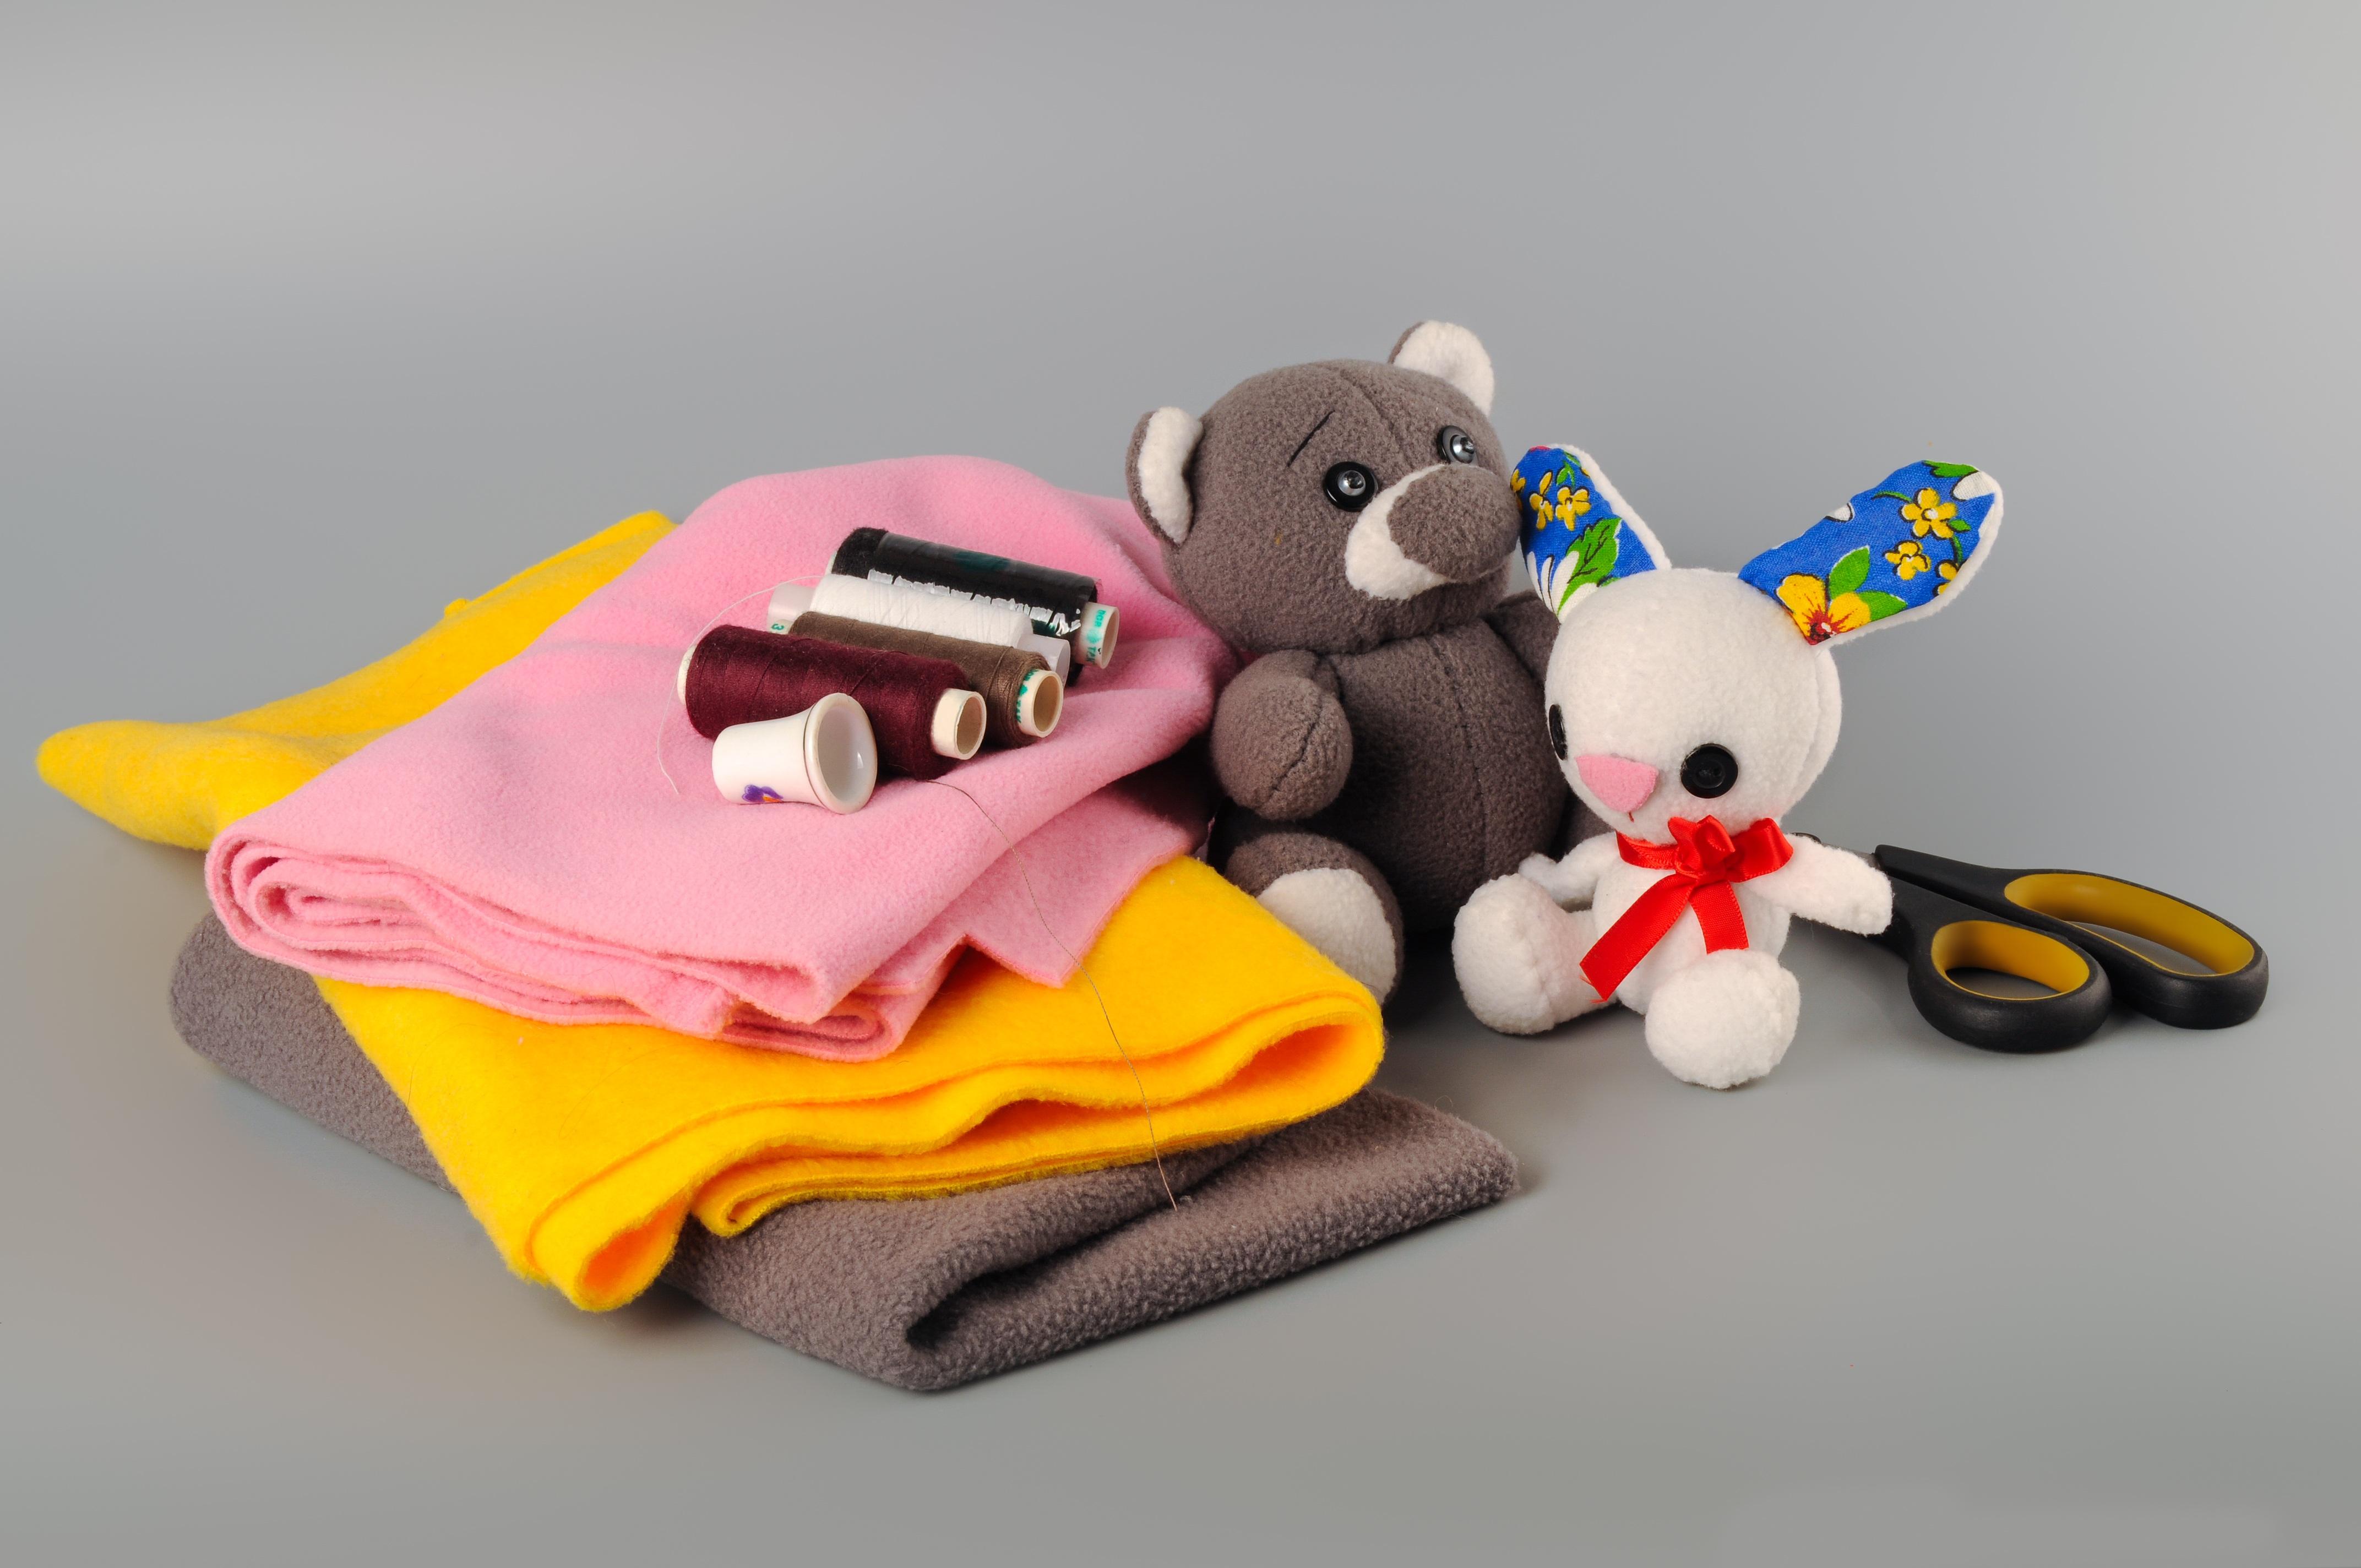 Immagini belle : gioco orso giocattolo infanzia tessuto cucire